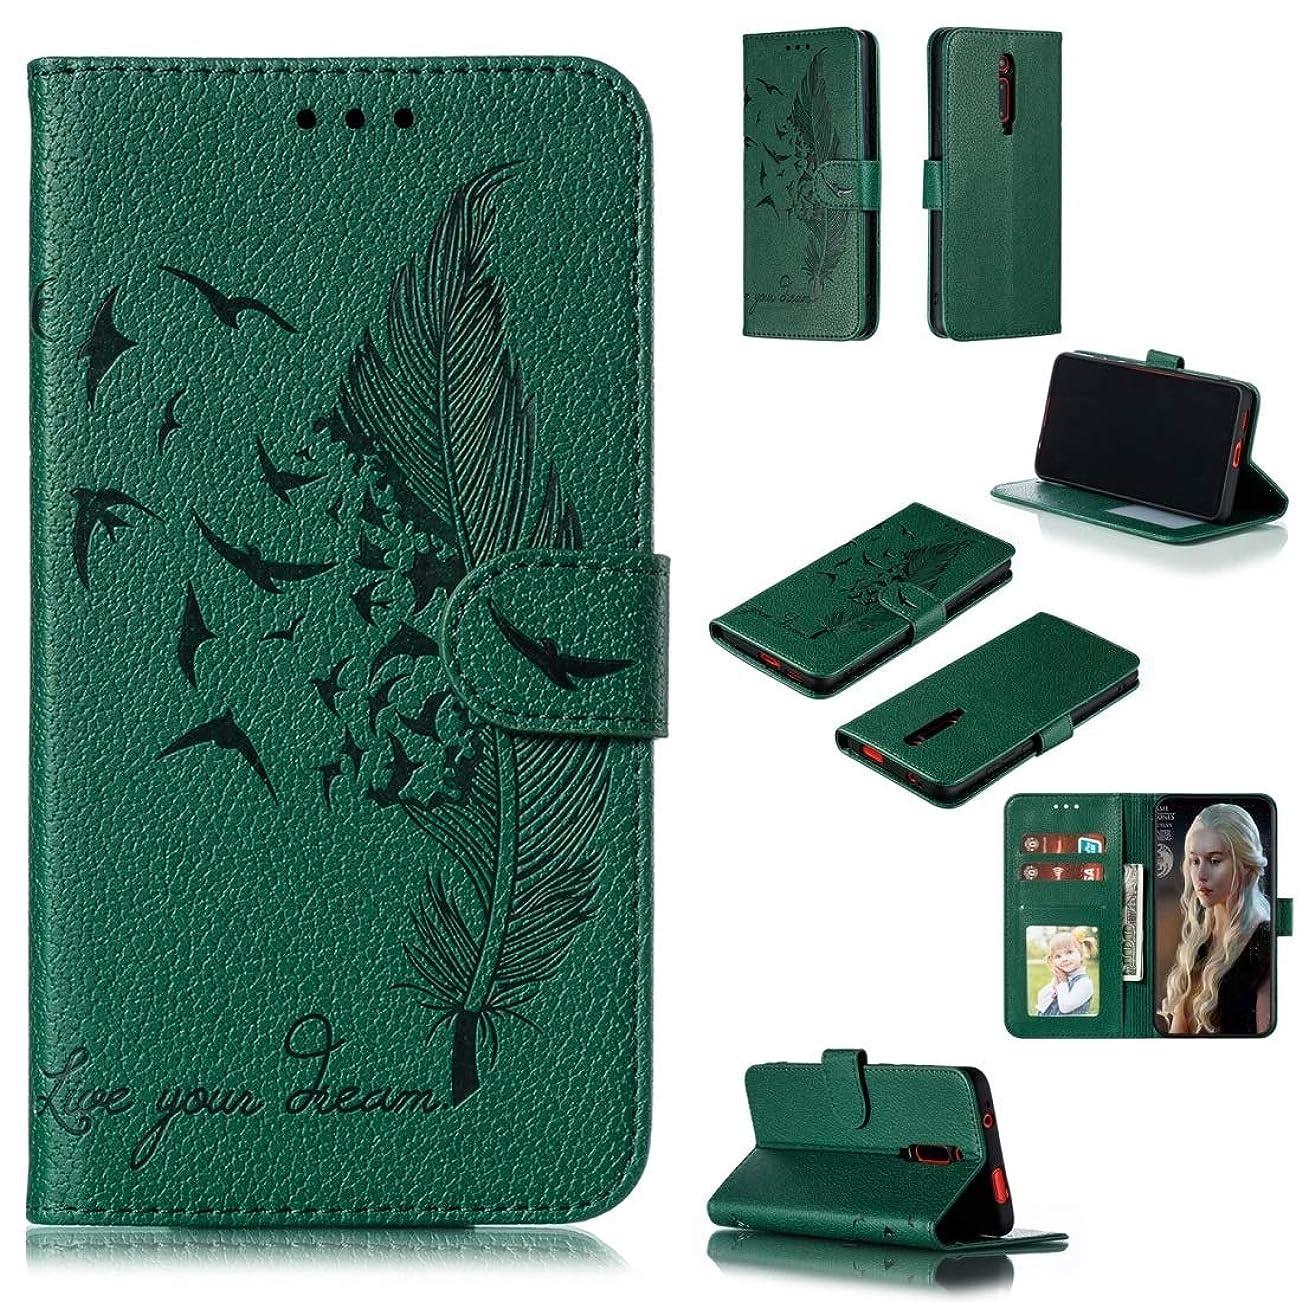 放置自然伝記小米科技Redmi K20のために財布&ホルダー&カードスロット付きフェザー柄ライチテクスチャ水平フリップレザーケース brand:TONWIN (Color : Green)